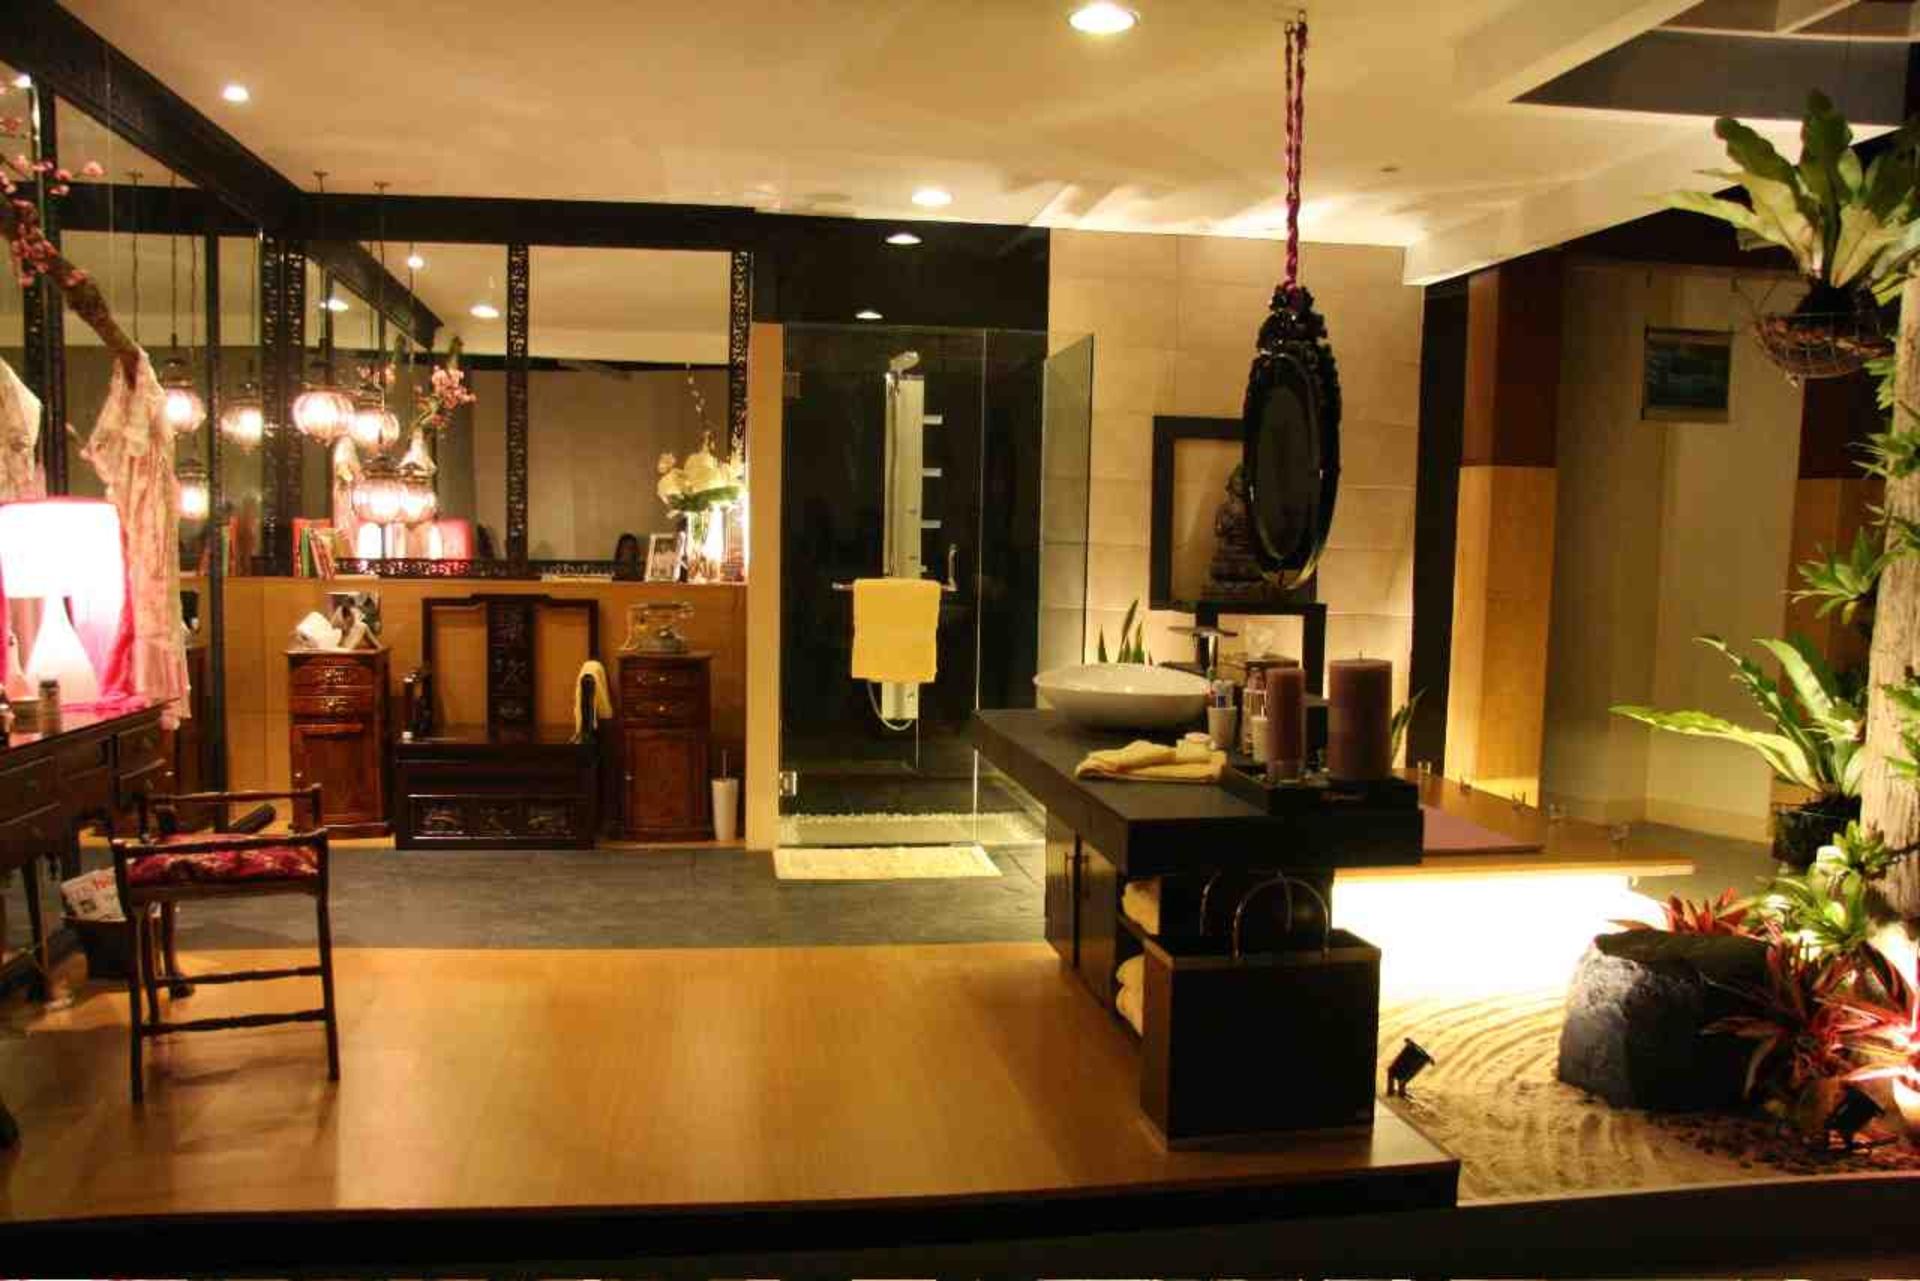 Oriental Interior Design Ideas - Decobizz.com